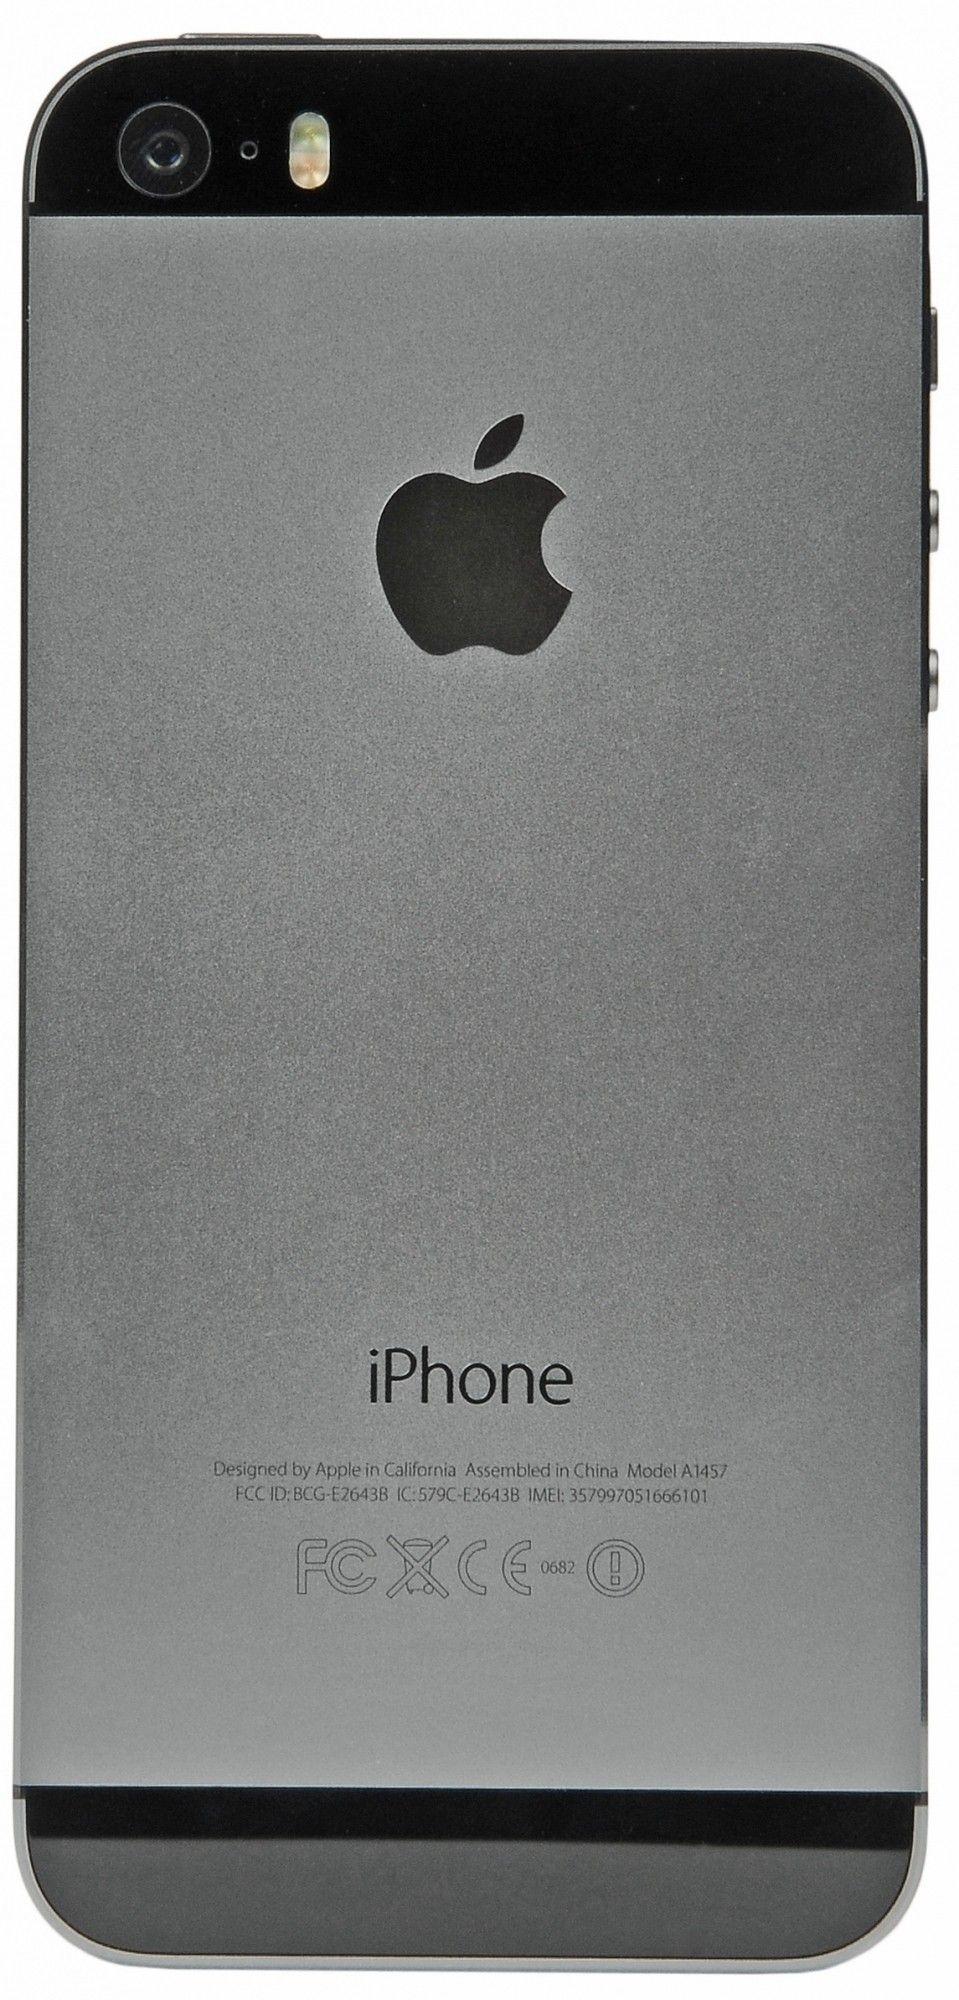 Мобильный телефон Apple iPhone 5S 16GB Space Gray - 3